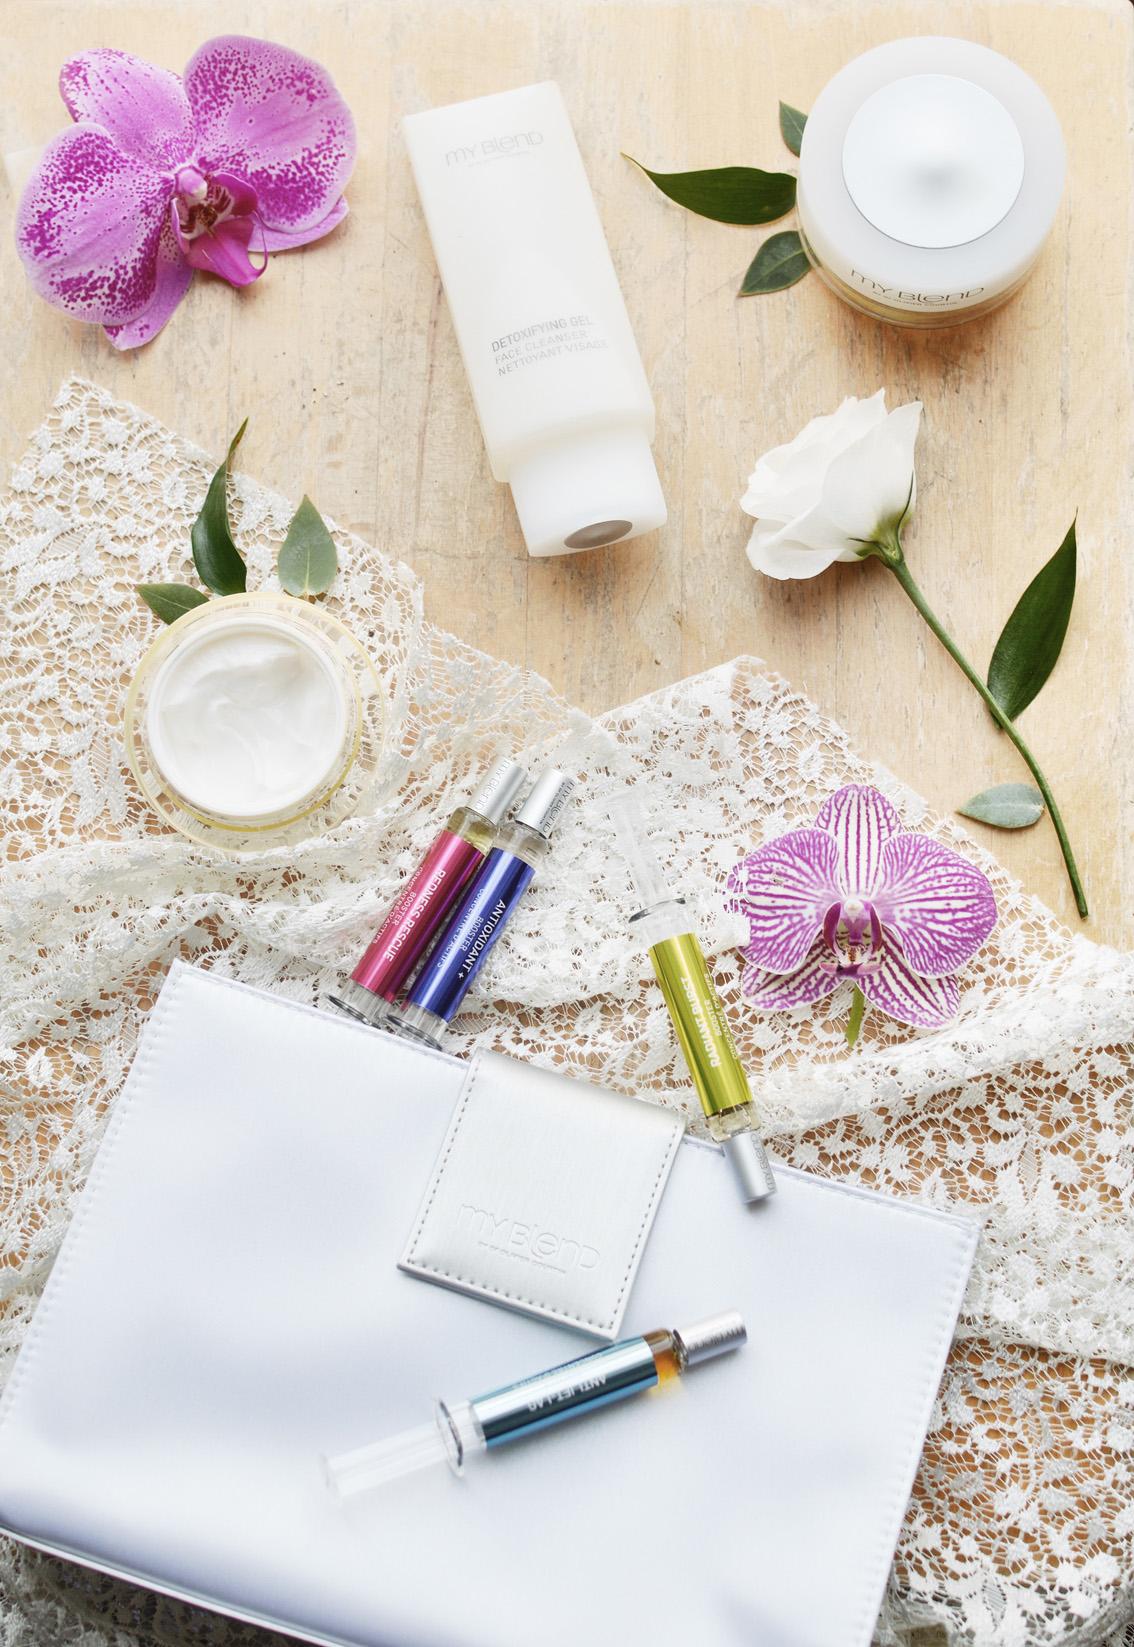 10-3 My Blend- una miscela su misura per la Beauty Routine quotidiana.